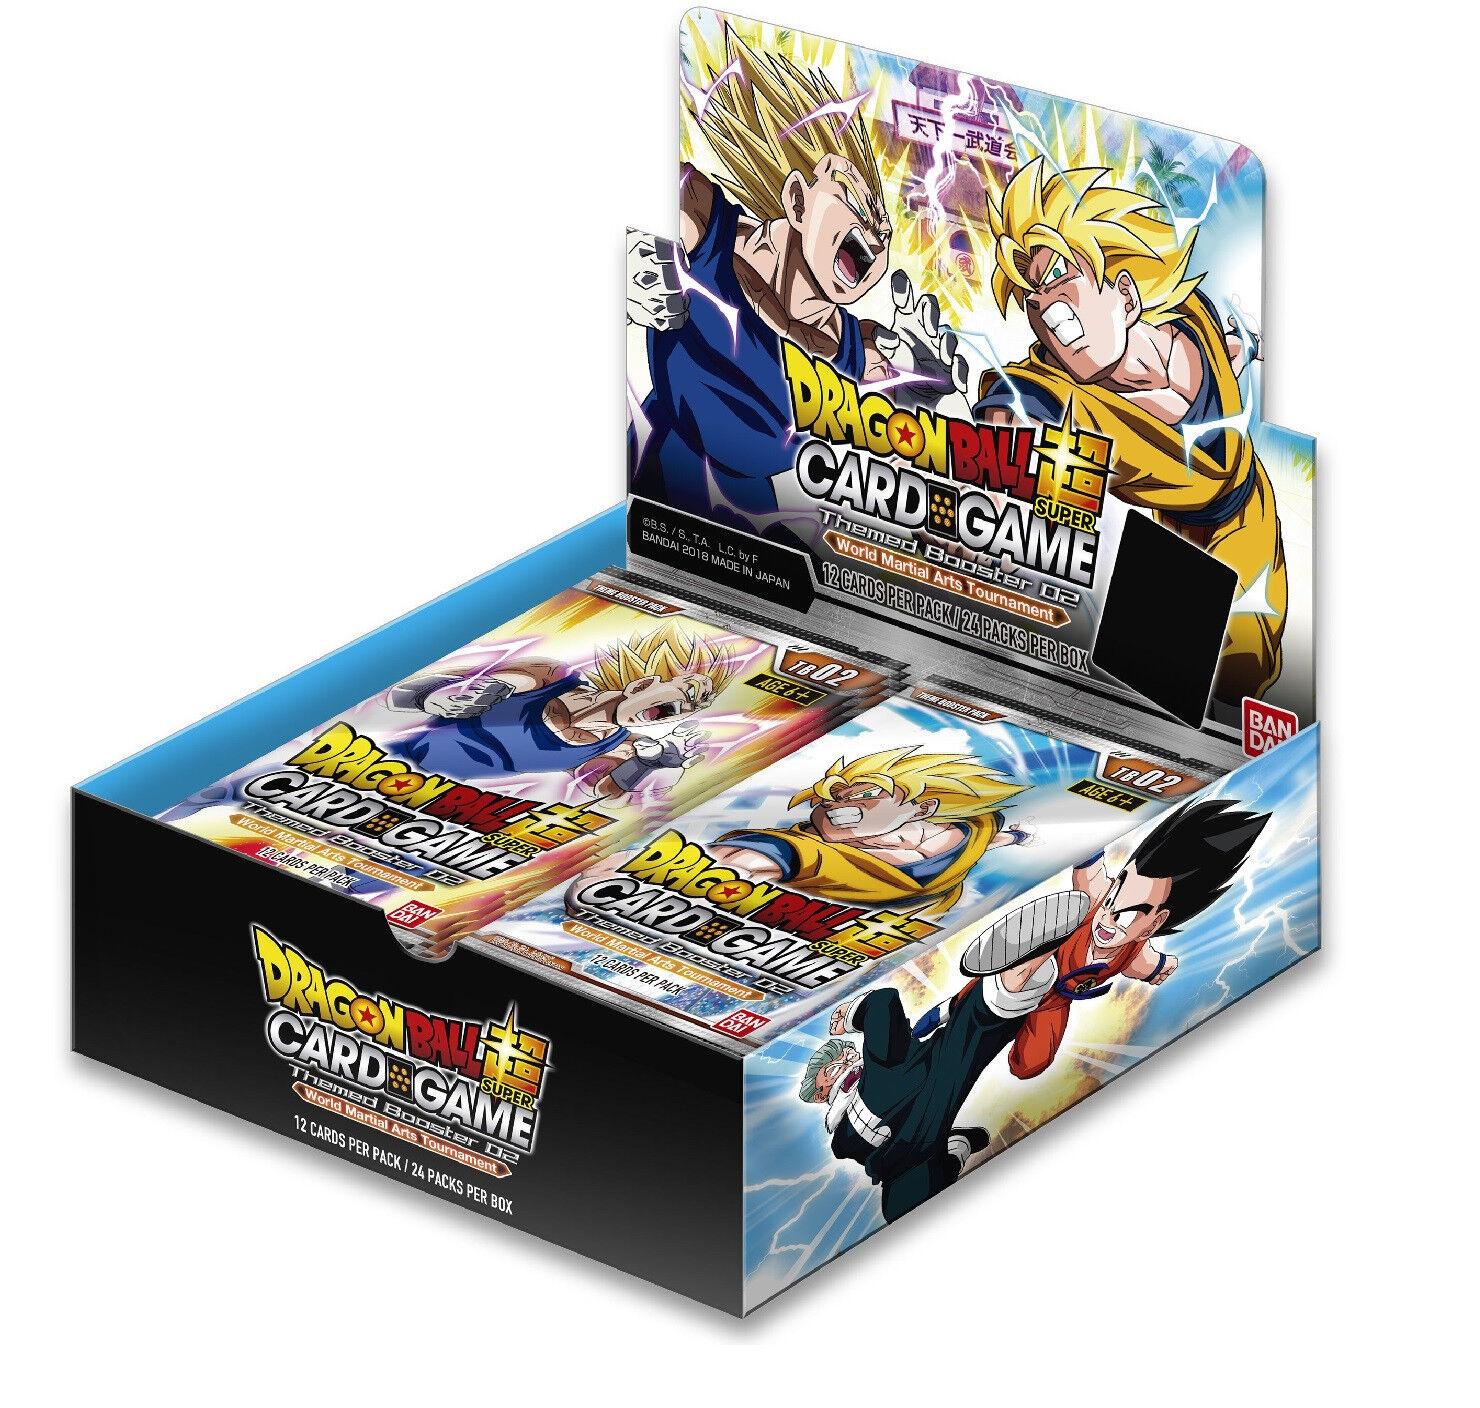 Dragon ball super kartenspiel - welt - turnier mit booster box 02